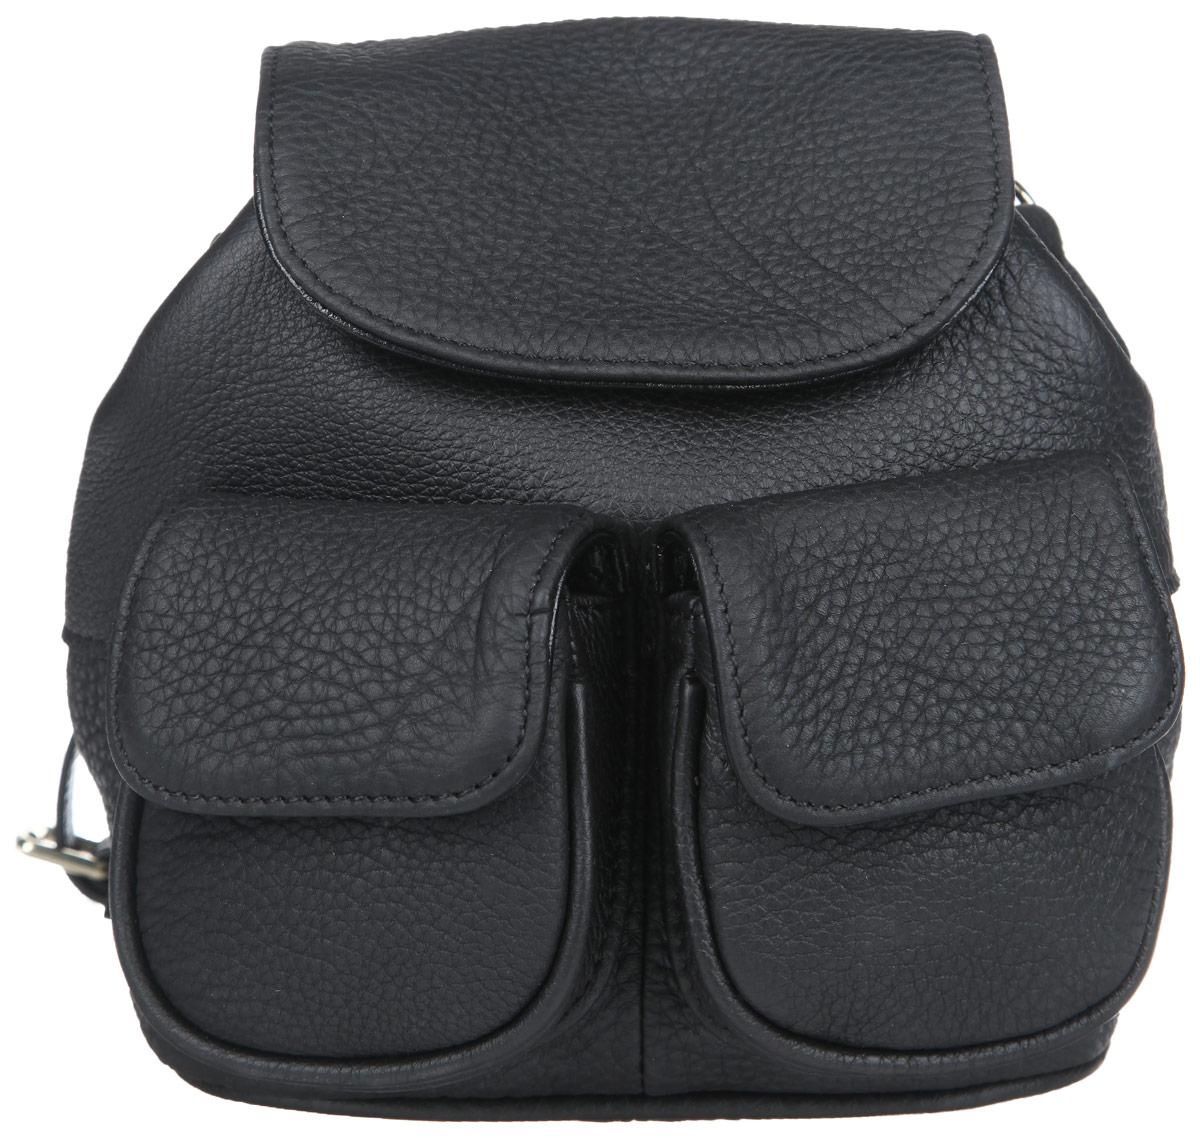 Рюкзак женский Cheribags, цвет: черный. 99212-10 визитница cheribags цвет синий оранжевый v 0499 15